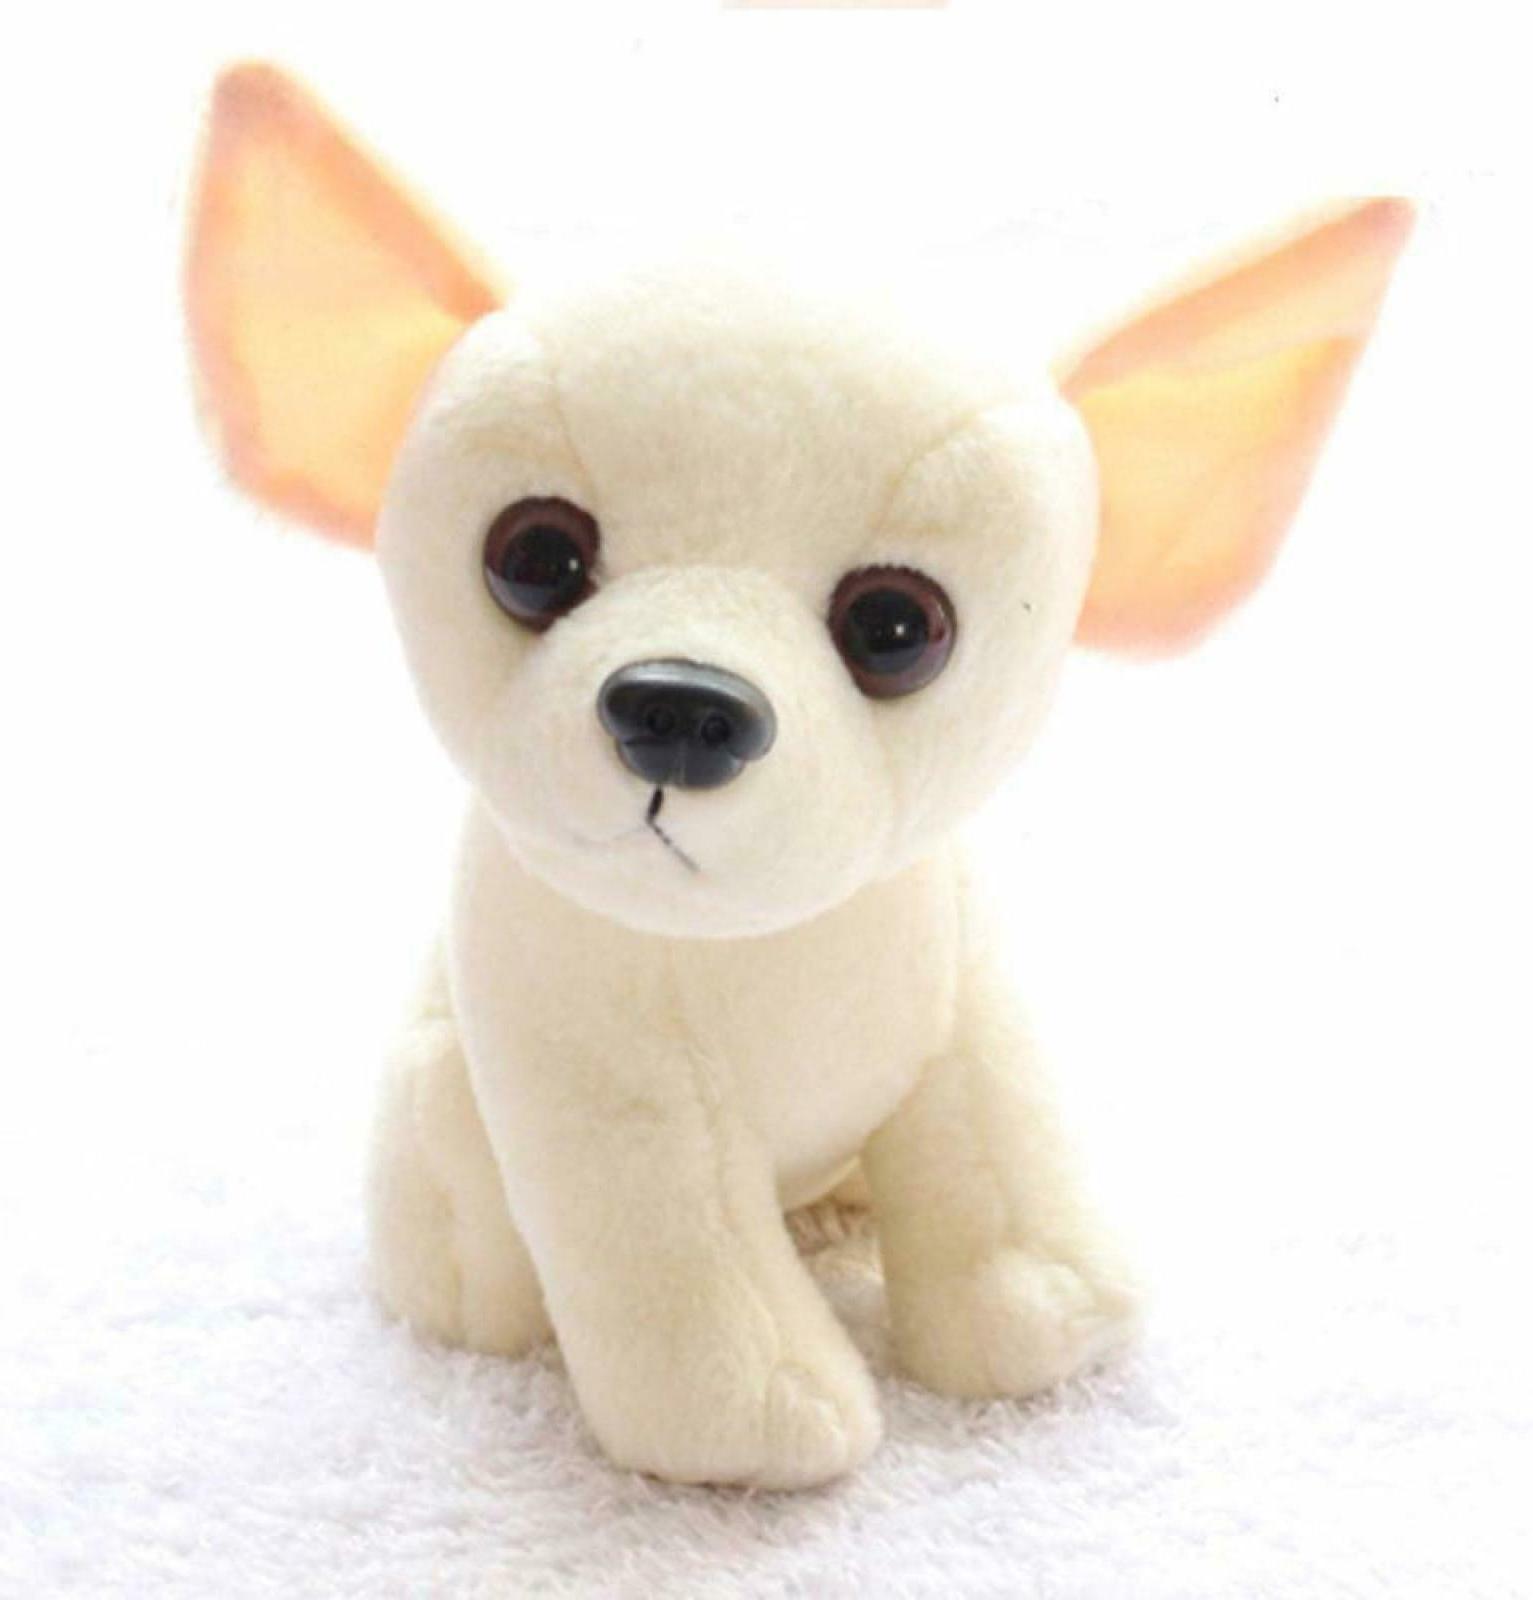 Chihuahua Dog Puppy Toy Plush Fabric Realistic Stuffed Anima